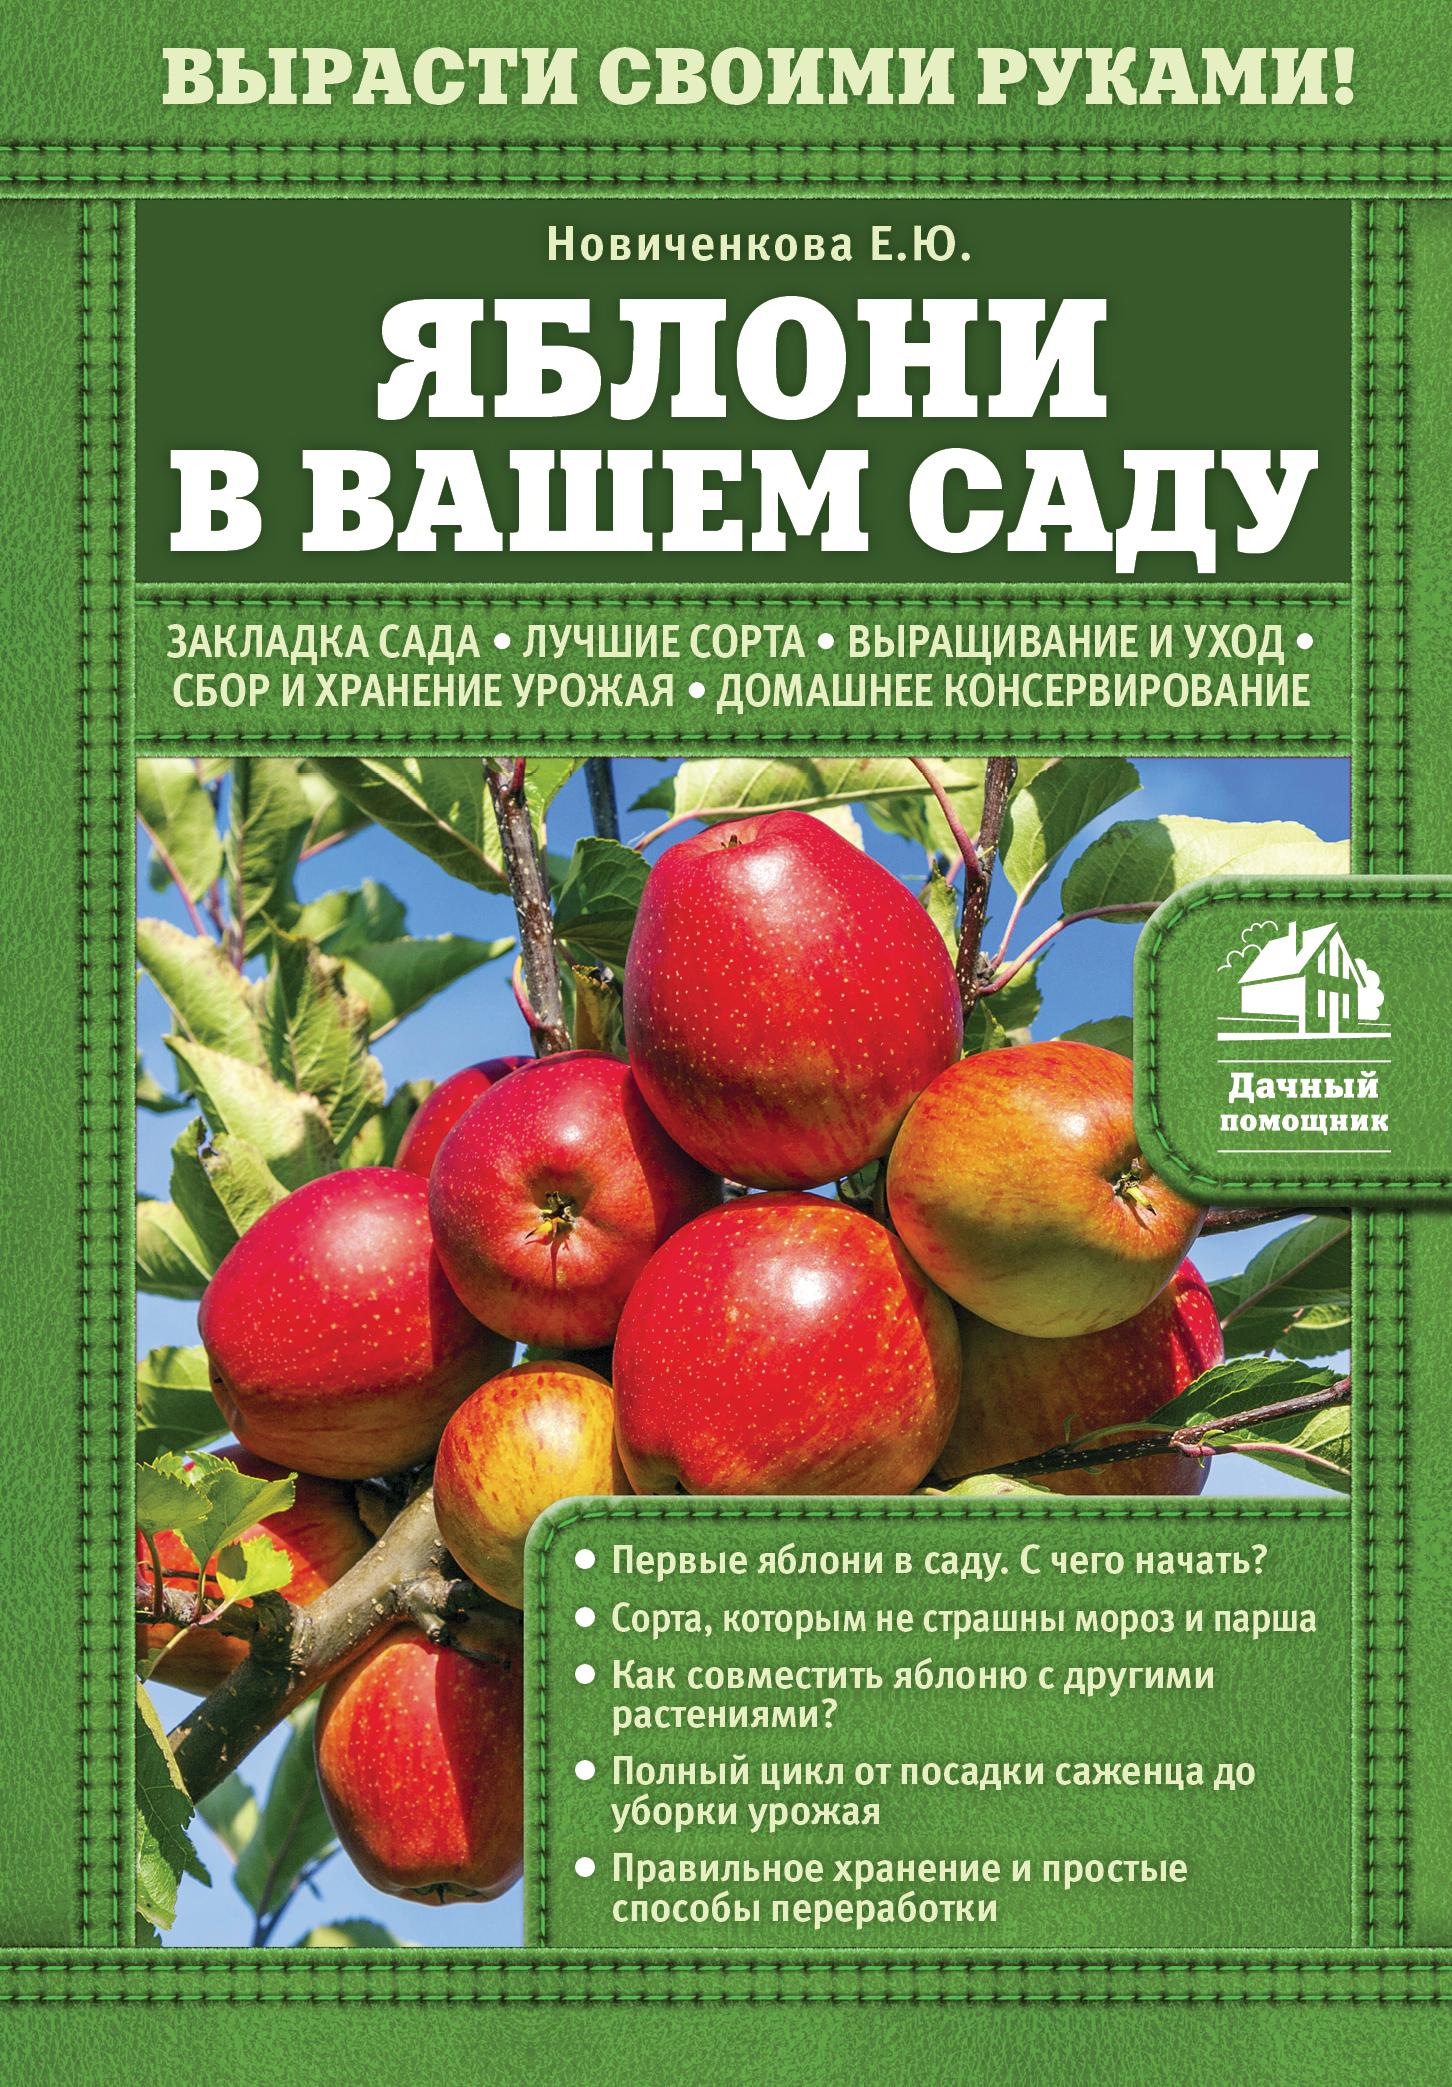 Яблони в вашем саду ( Новиченкова Е.Ю.  )